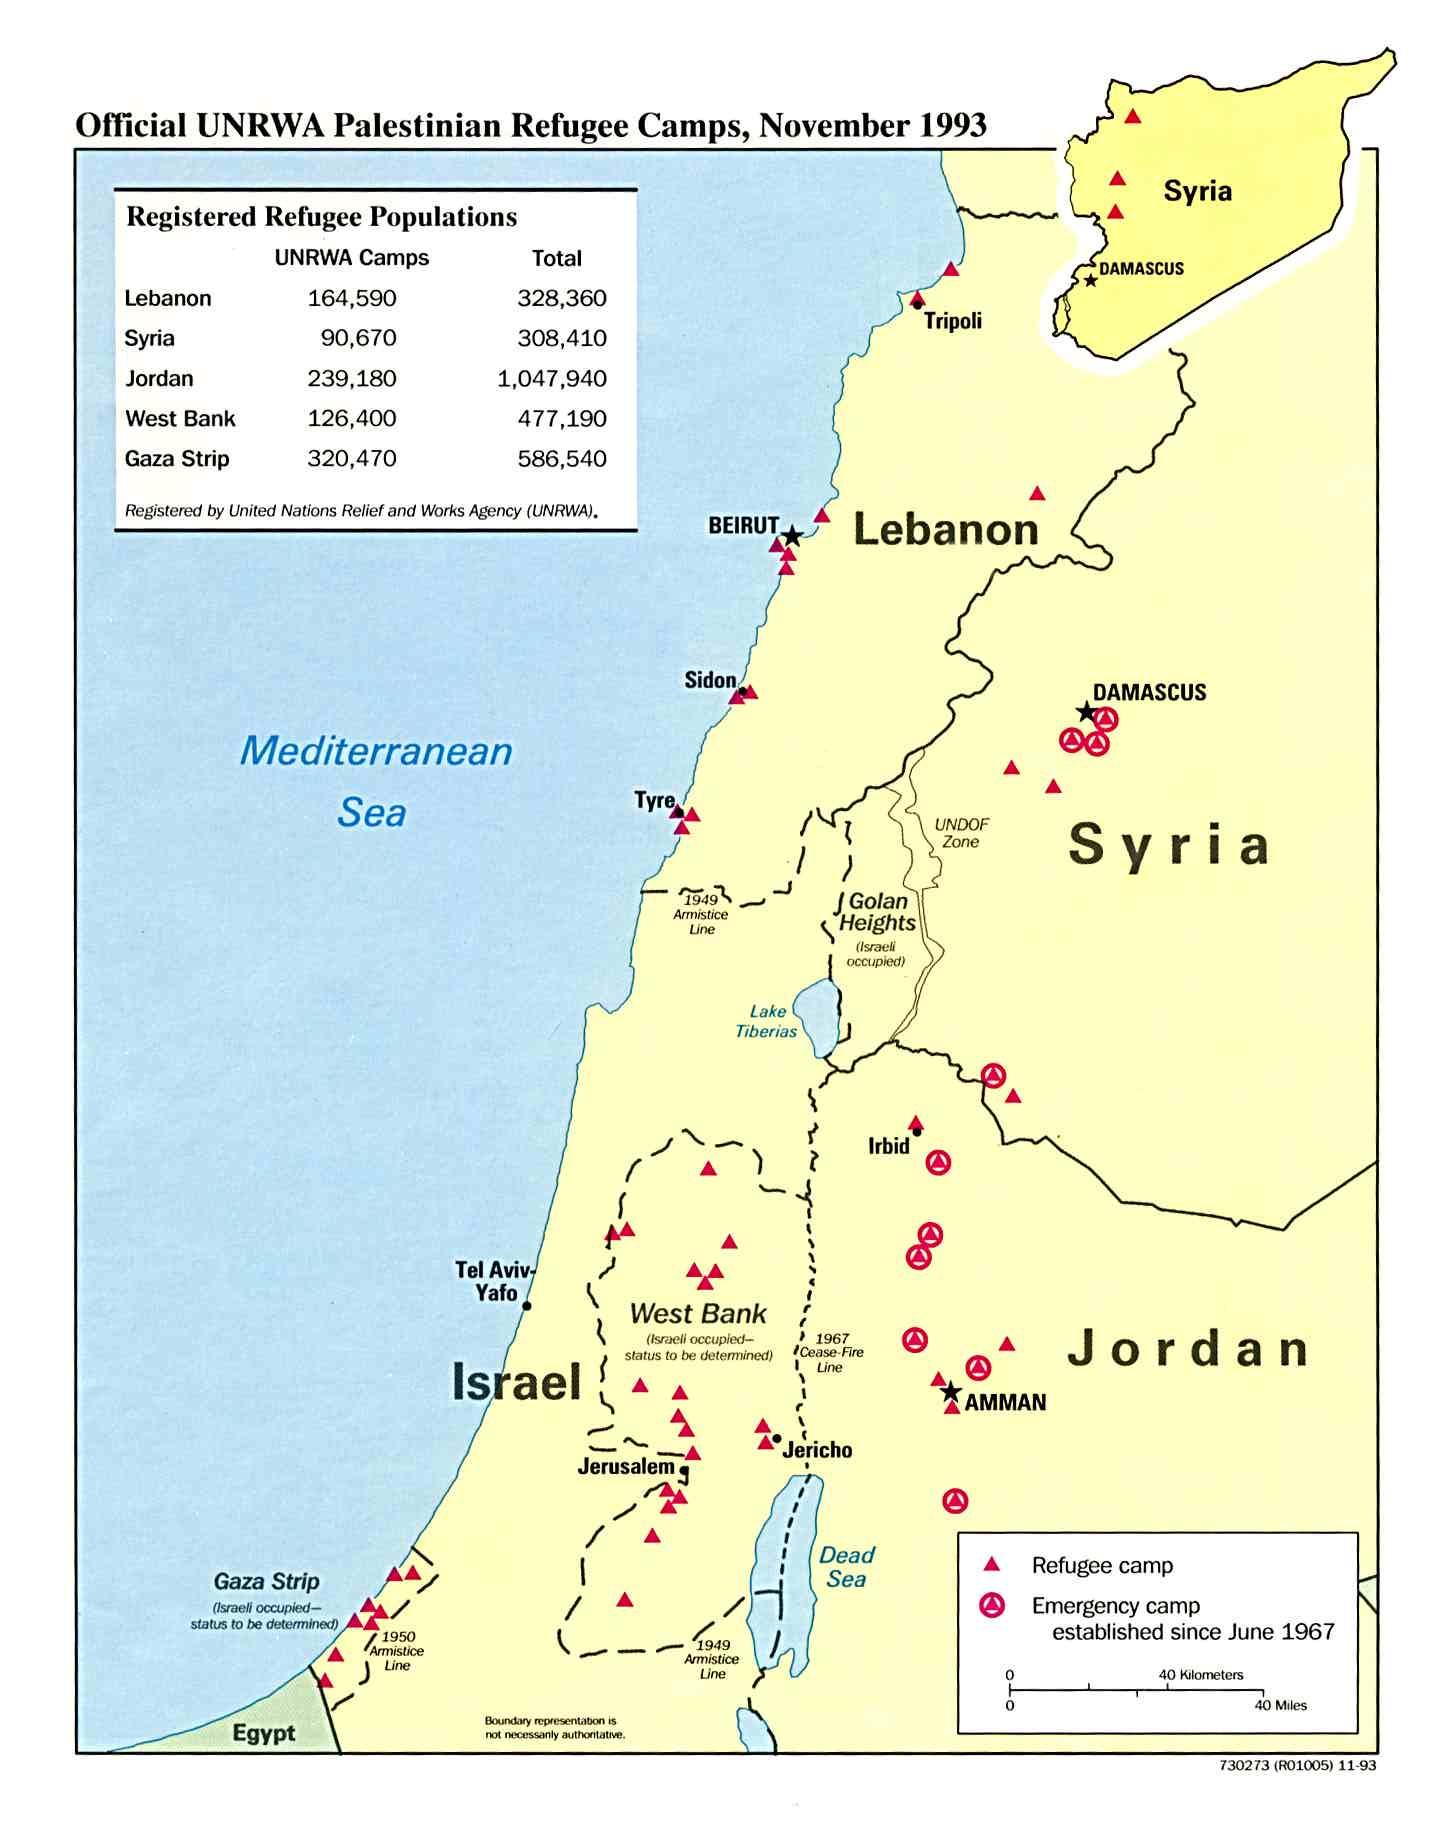 Campamentos de Refugiados Palestinos, Oriente Medio, Noviembre 1993